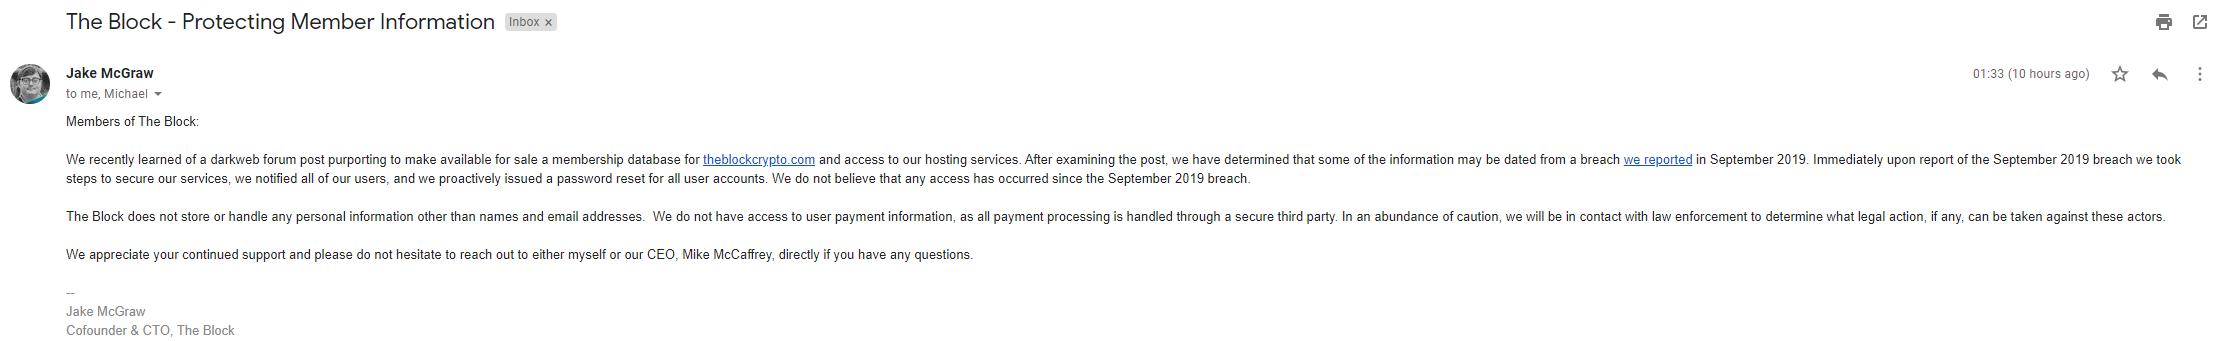 База данных платных подписчиков The Block предположительно продана на хакерском форуме